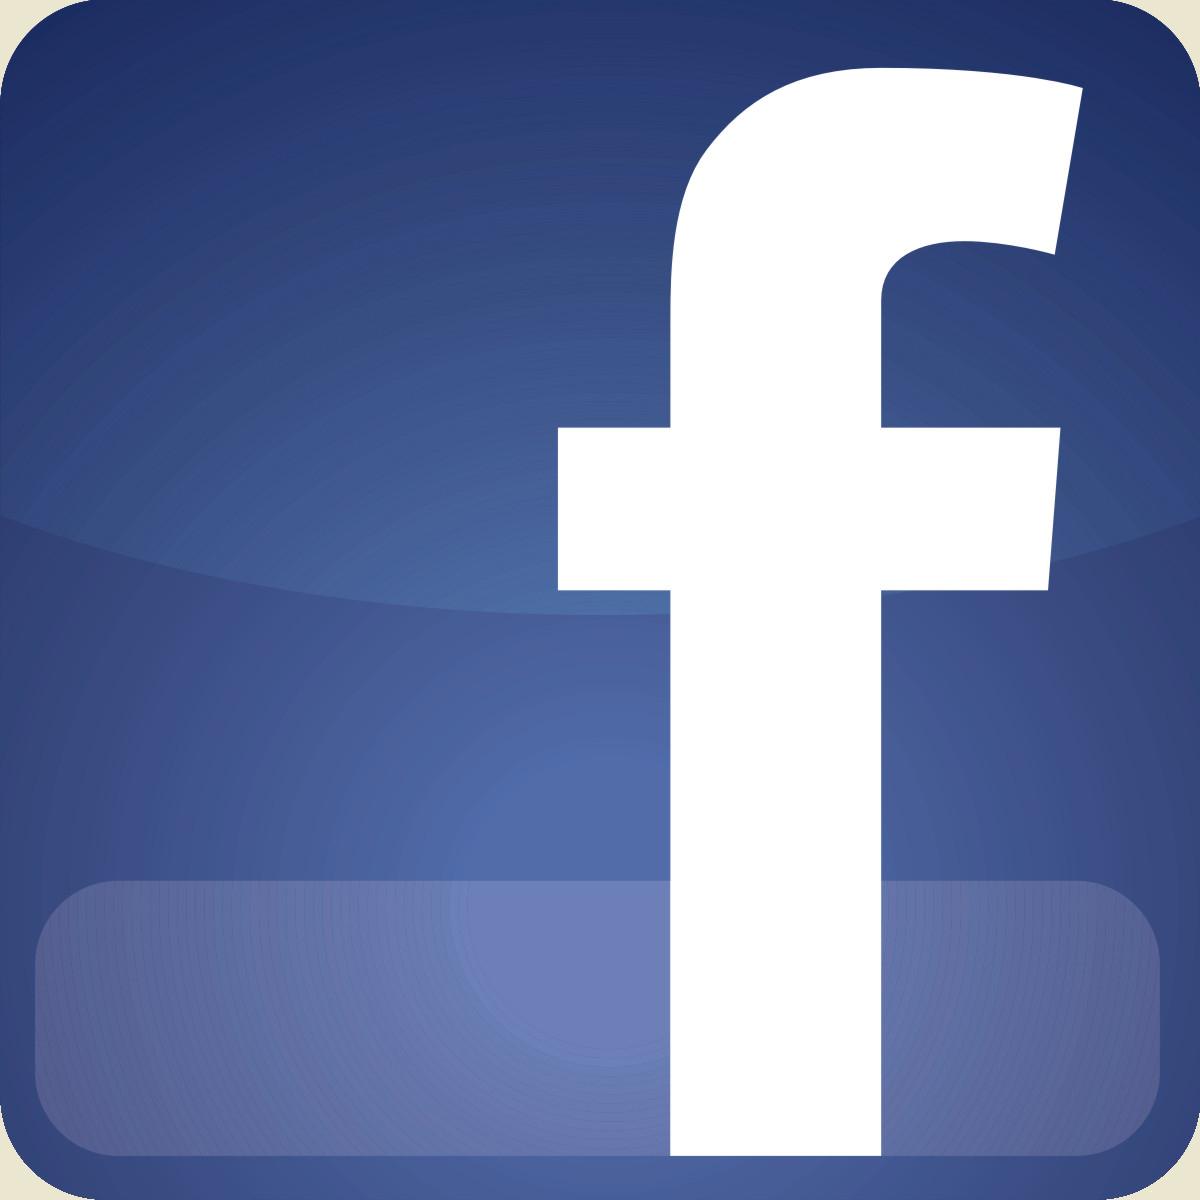 Symbol clipart facebook Clipart Art Free Download Clip